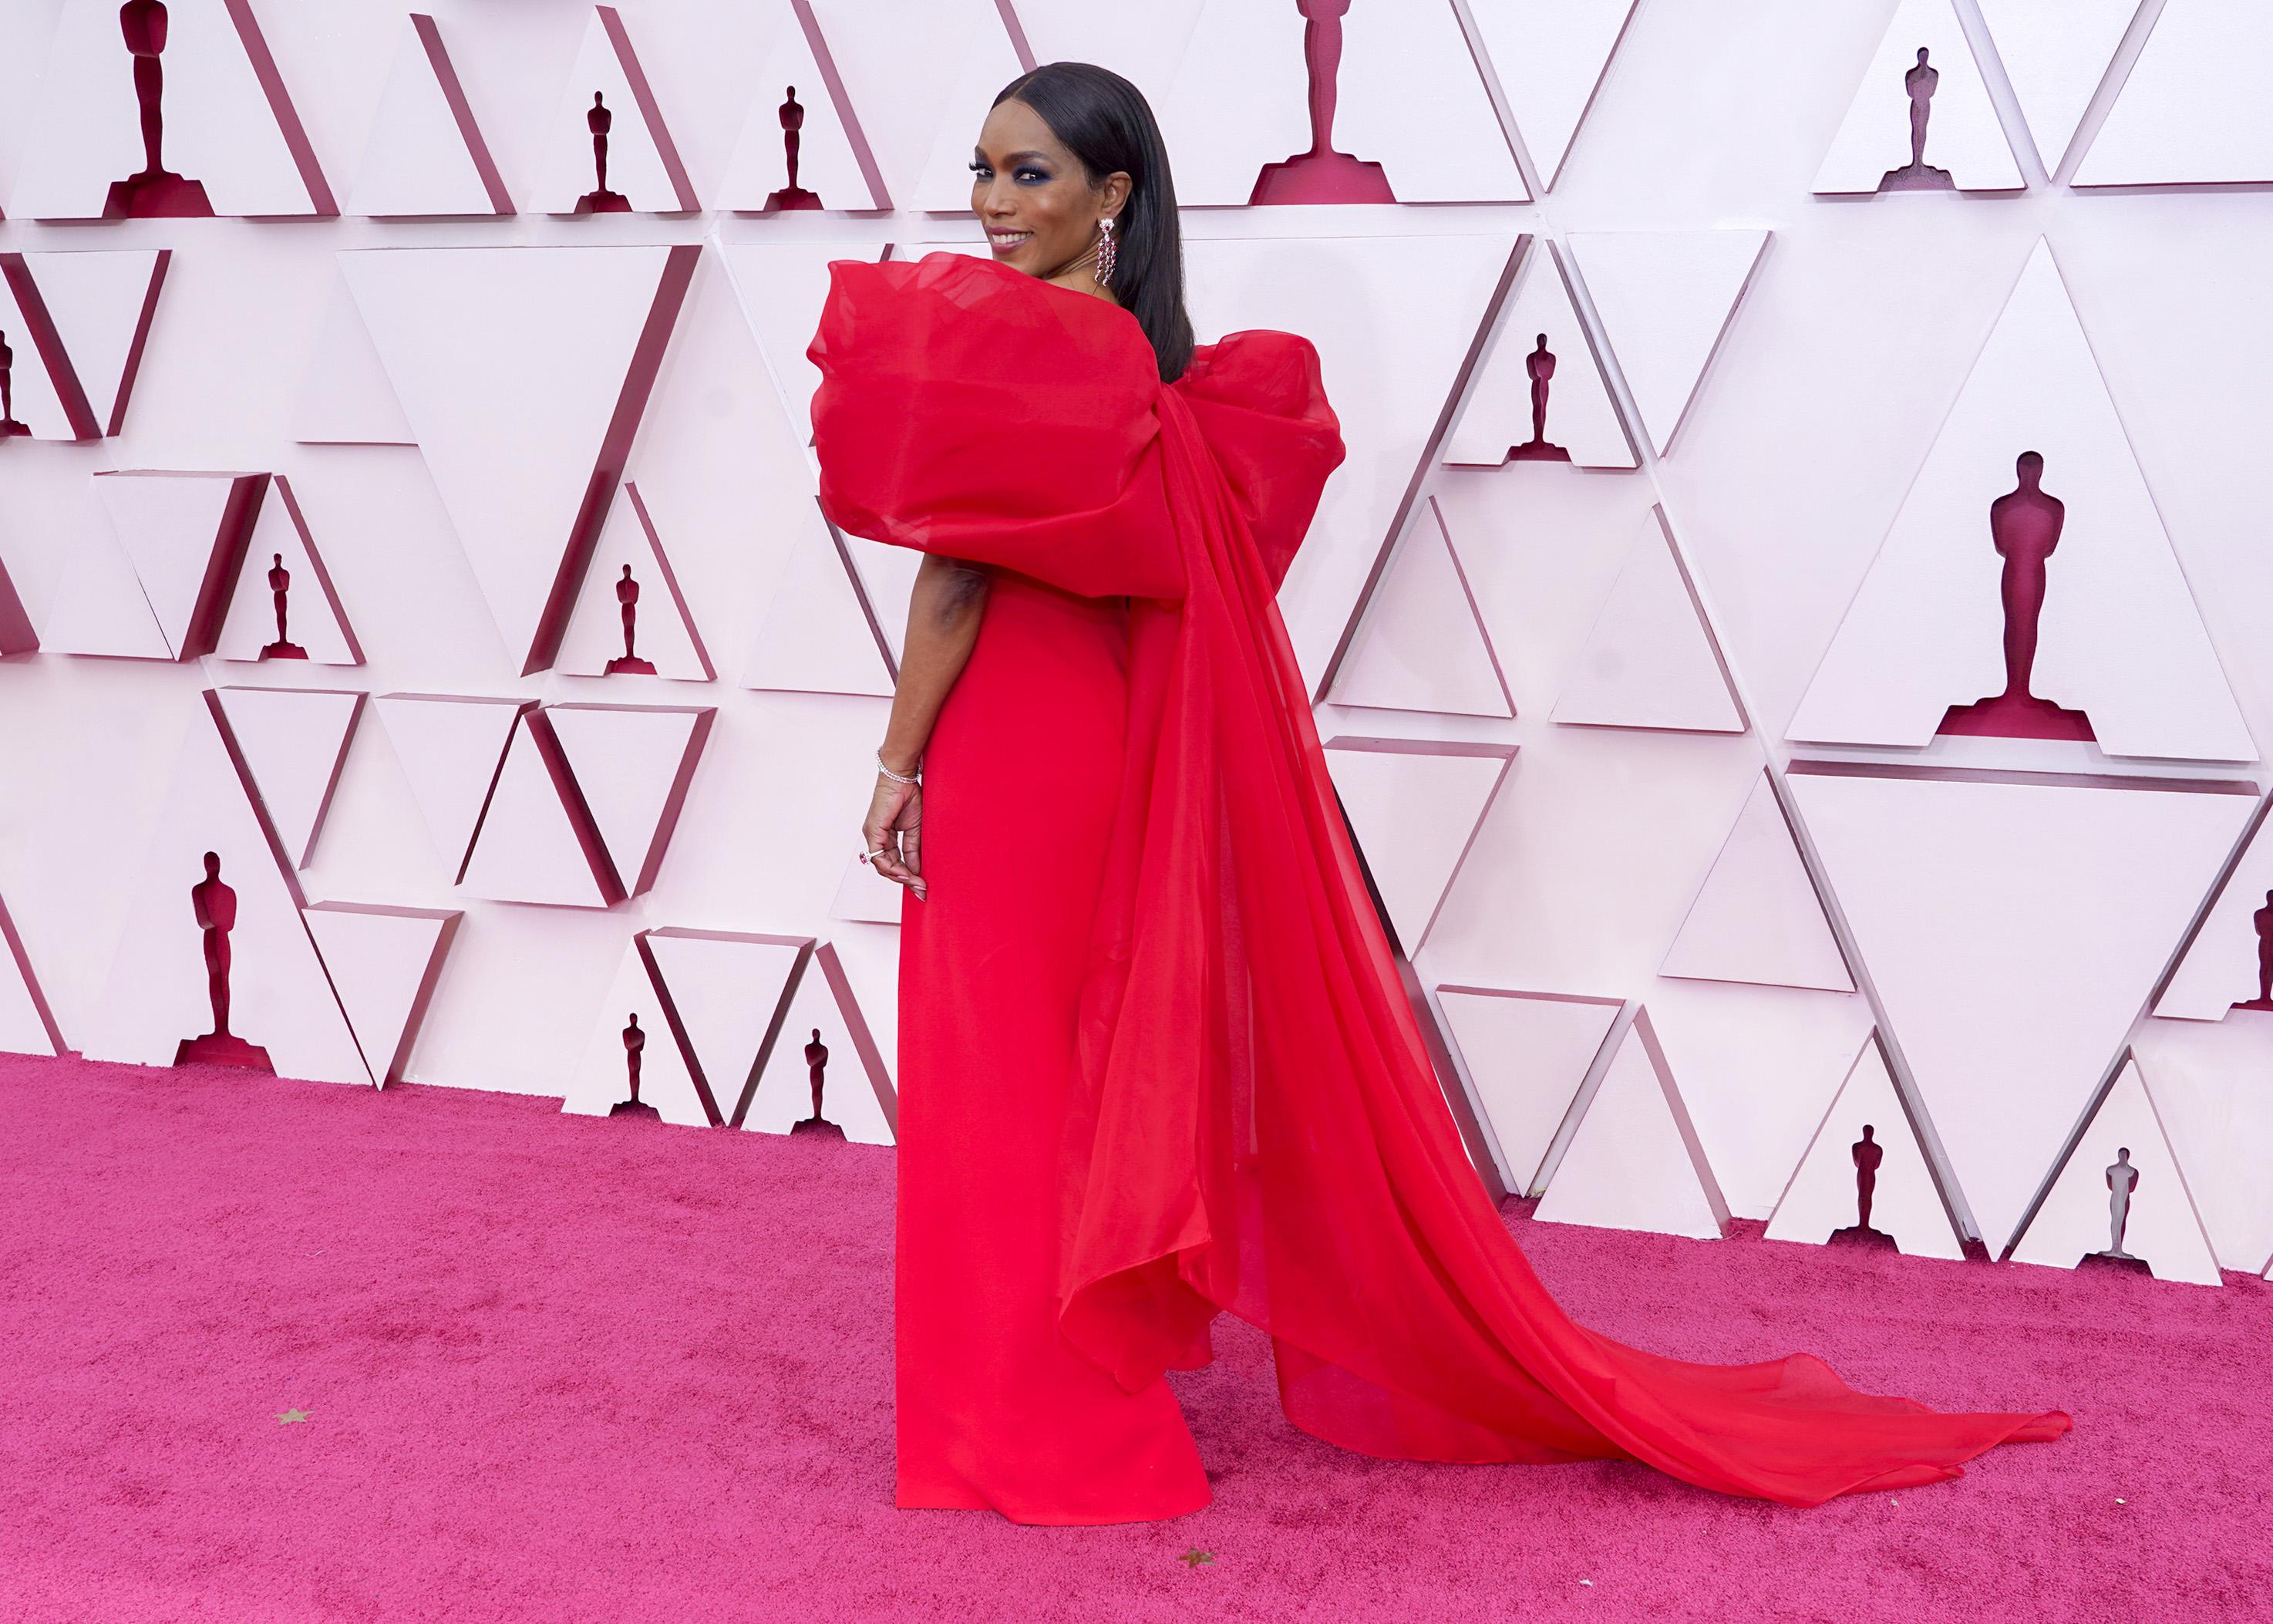 Angela é uma mulher negra com cabelos castanhos lisos e longos. Ela usa um vestido vermelho com laço enorme nas costas